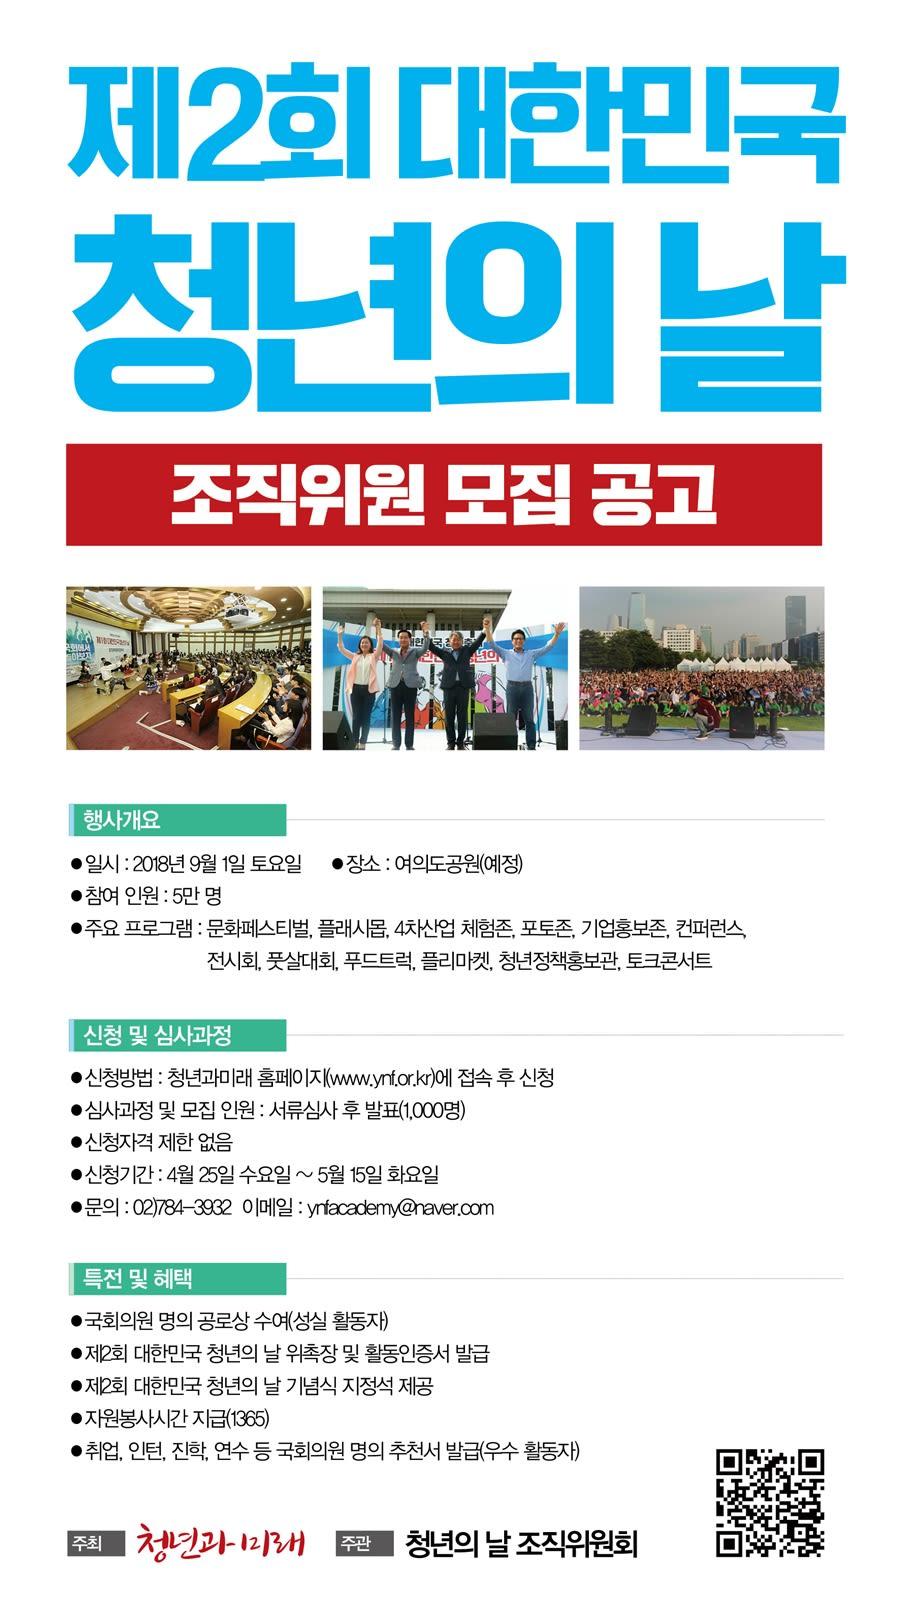 [사단법인 청년과미래] 제2회 대한민국 청년의 날 조직위원 모집